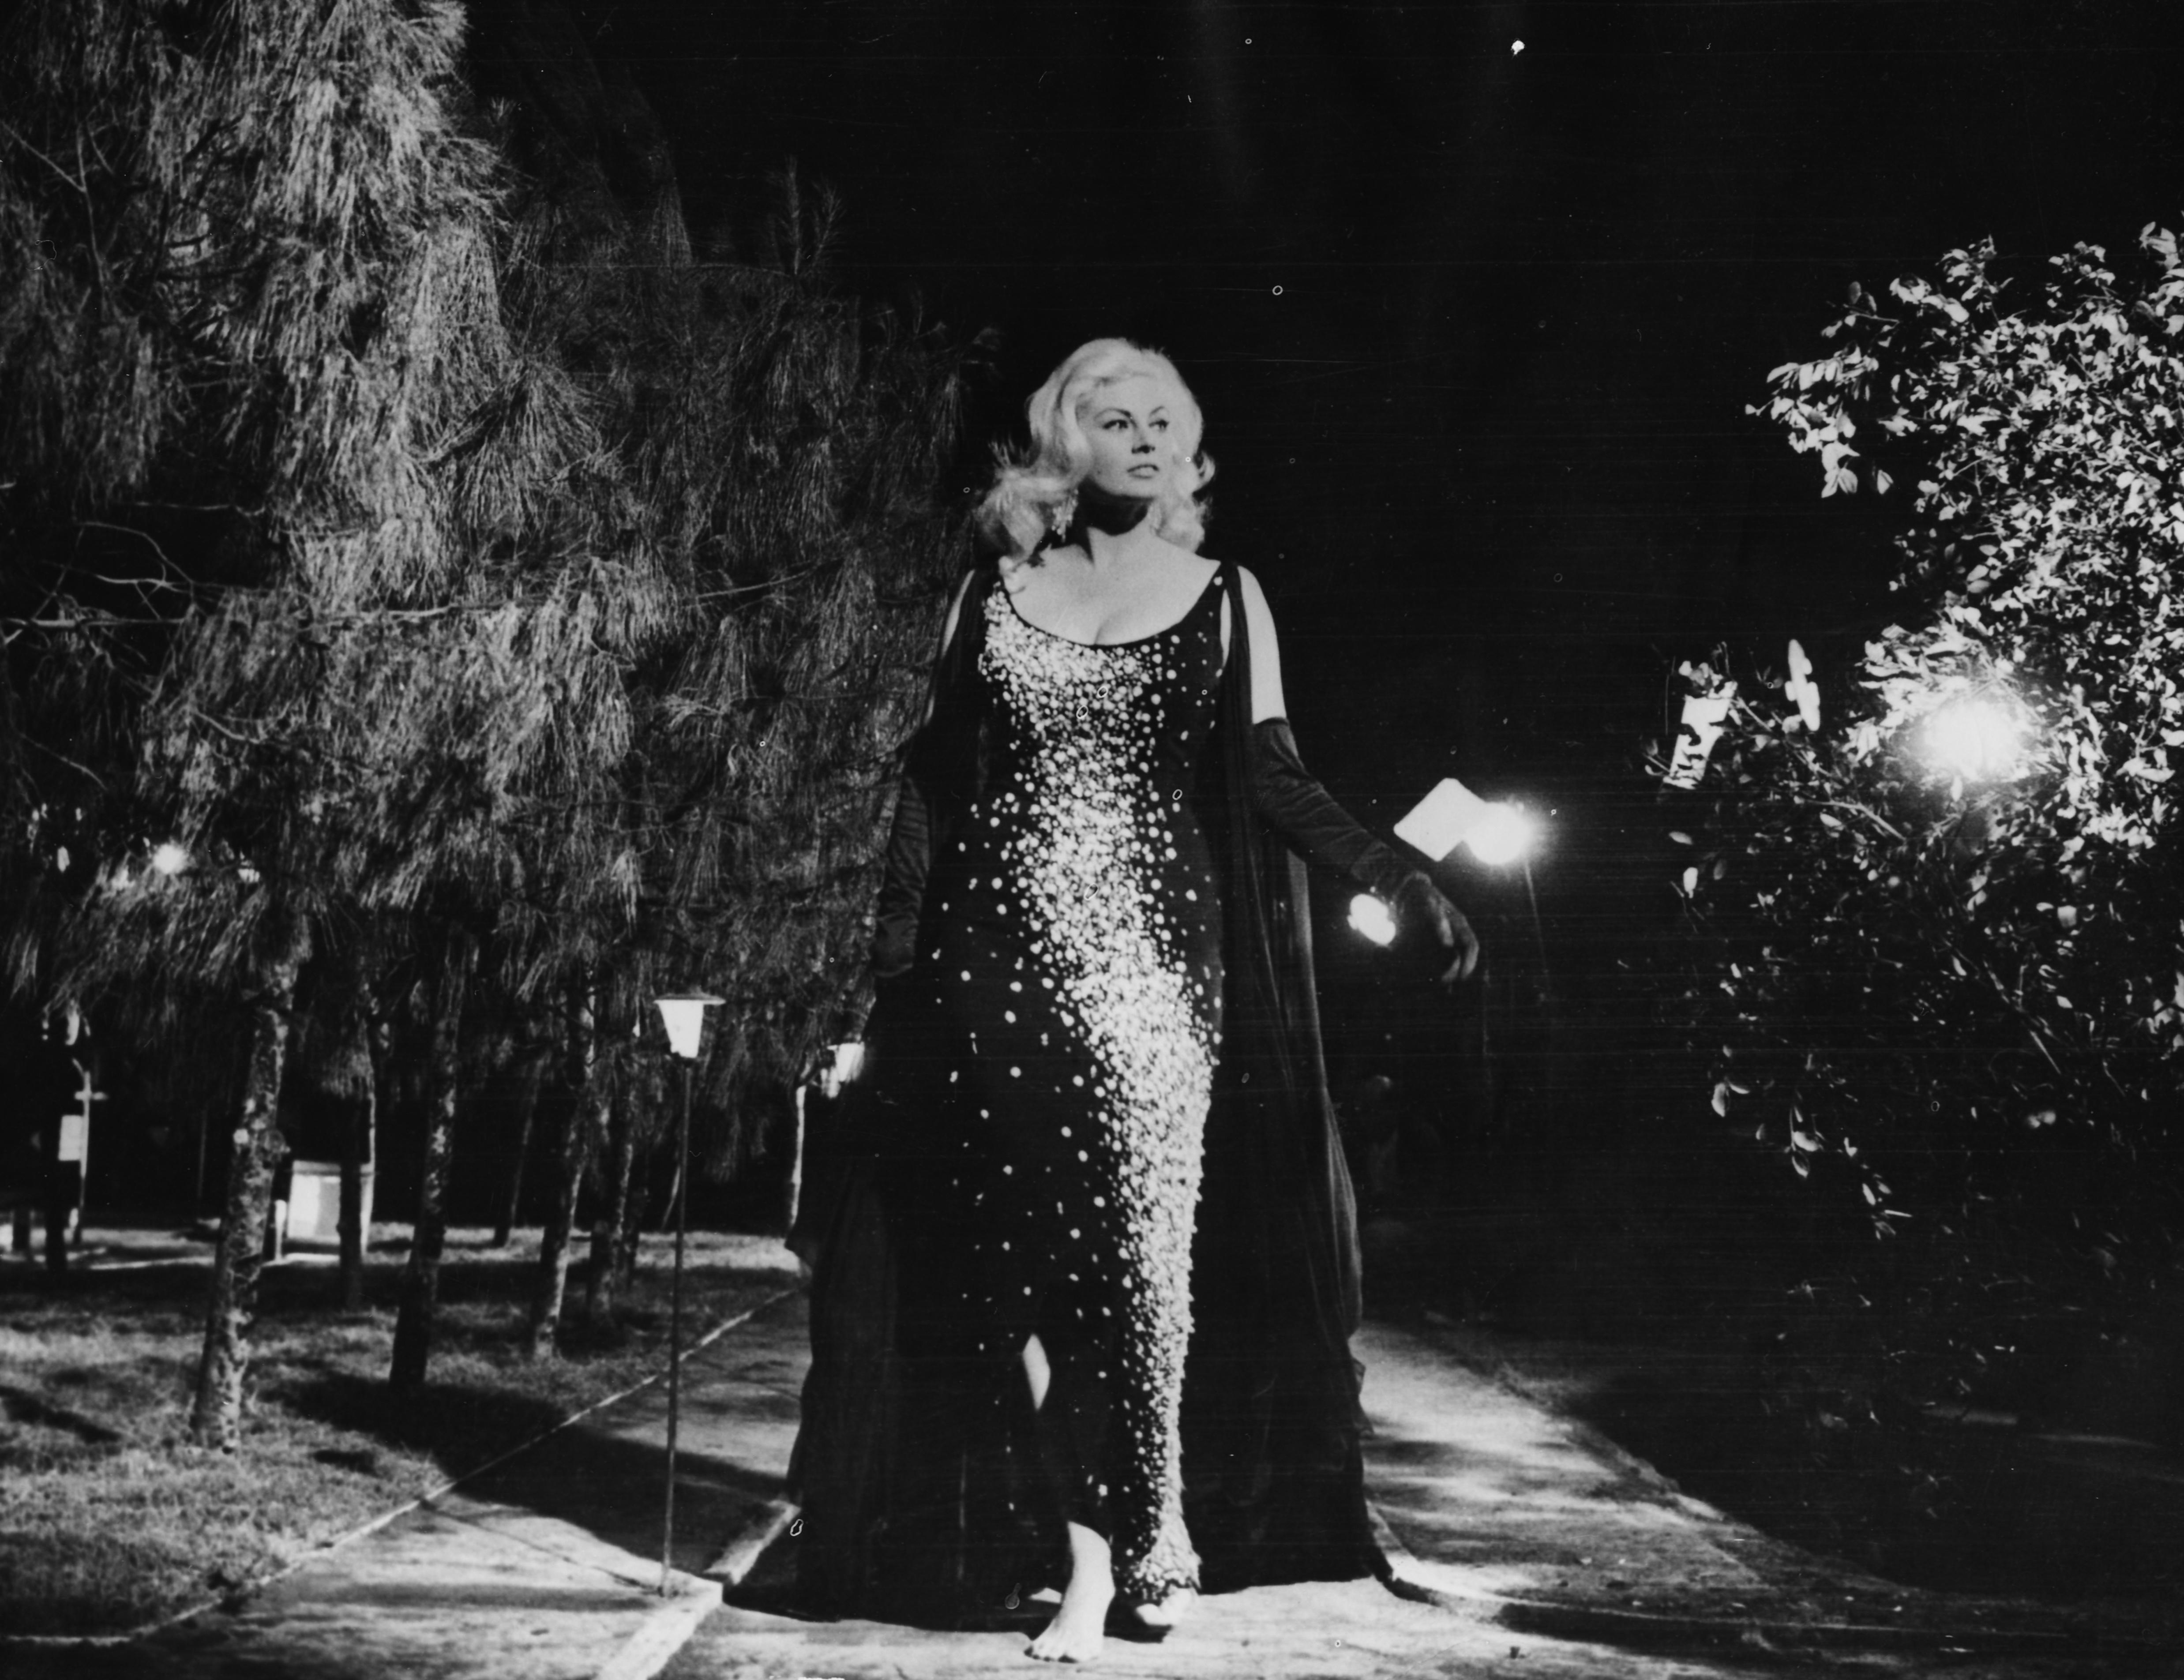 """Анита играе и в други филми, новръхвкариерата й е""""Сладък живот"""". <div>Красивата Екберг е вролятана филмовата звезда Силвия. Епичният момент, който е запечатан в историята на киното като култов -сцената във фонтана.</div>"""